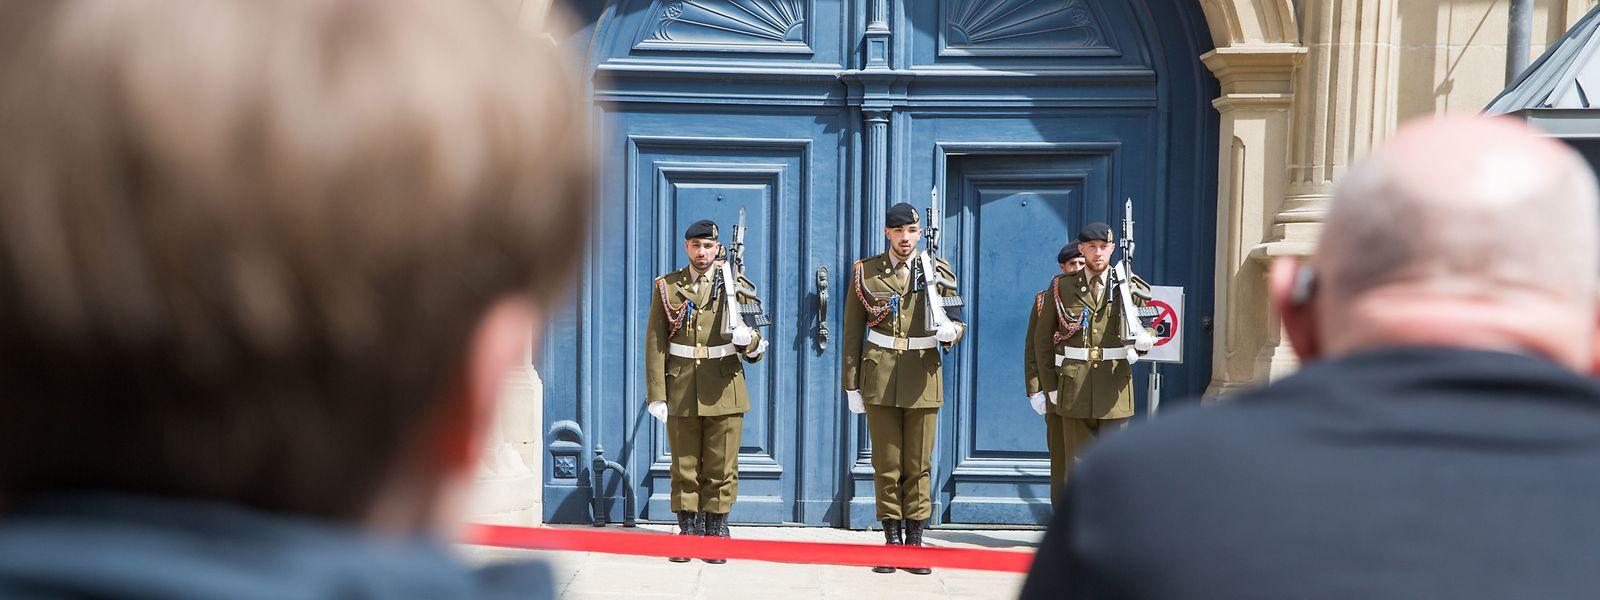 Die Hauptstadt bereitet sich auf die Trauerfeierlichkeiten für den verstorbenen früheren Staatschef Jean vor.